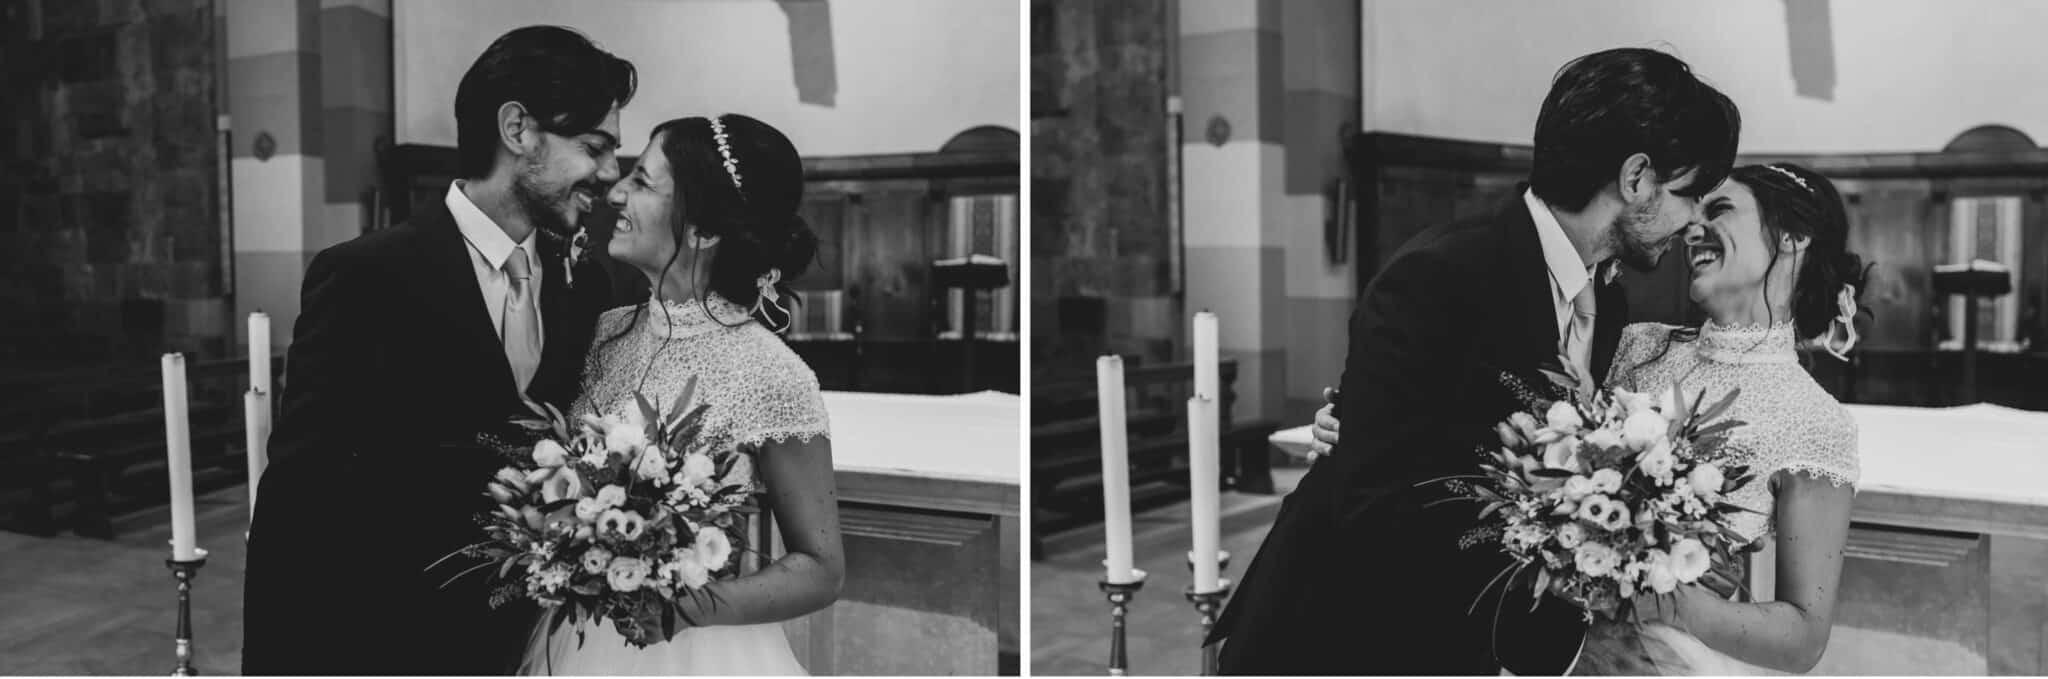 bacio tra la coppia di sposi ad un matrimonio ad Altopascio